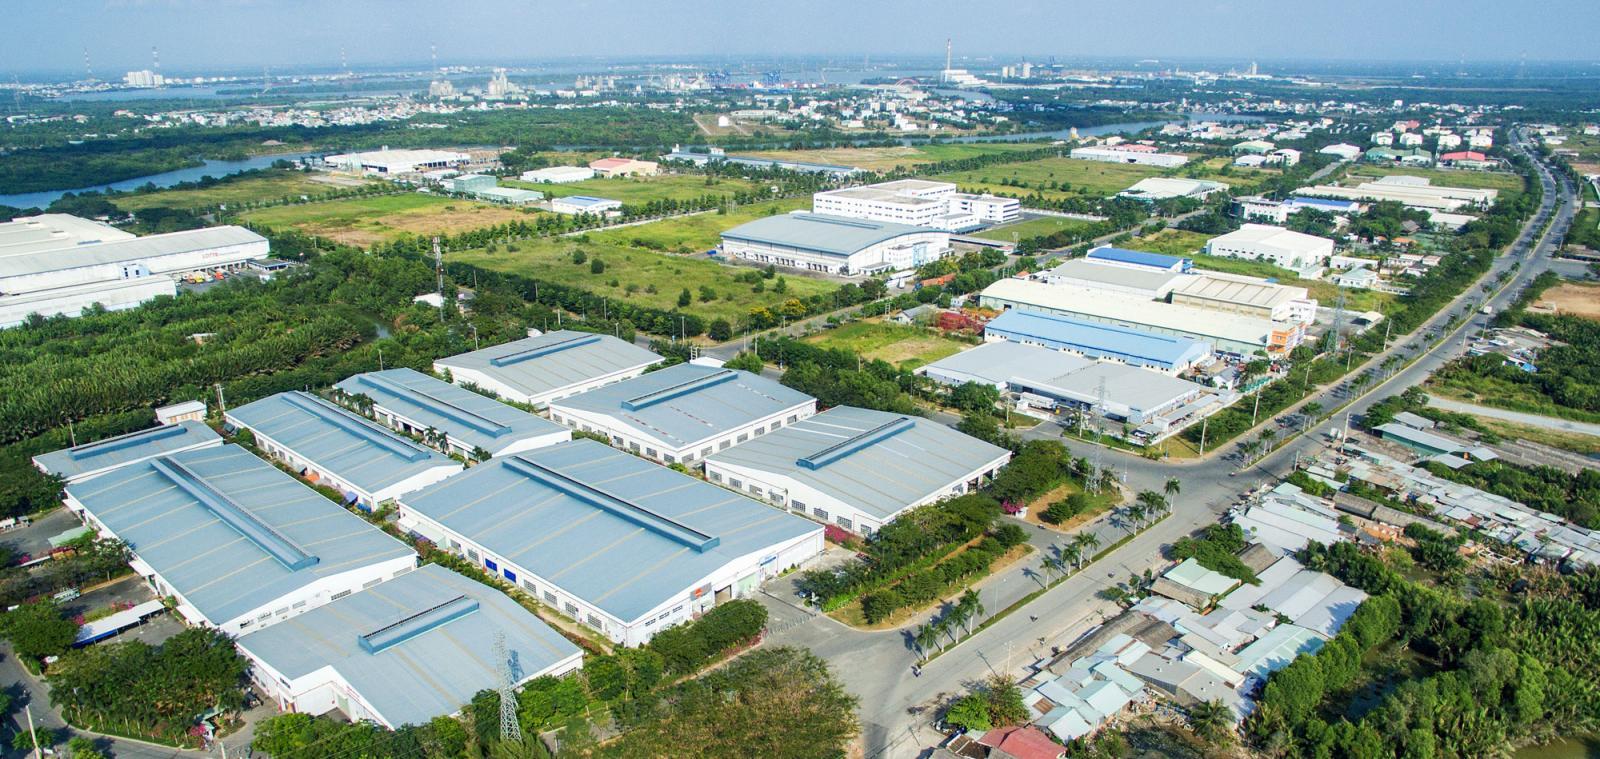 Khu công nghiệp tại Long An nhìn từ trên cao.